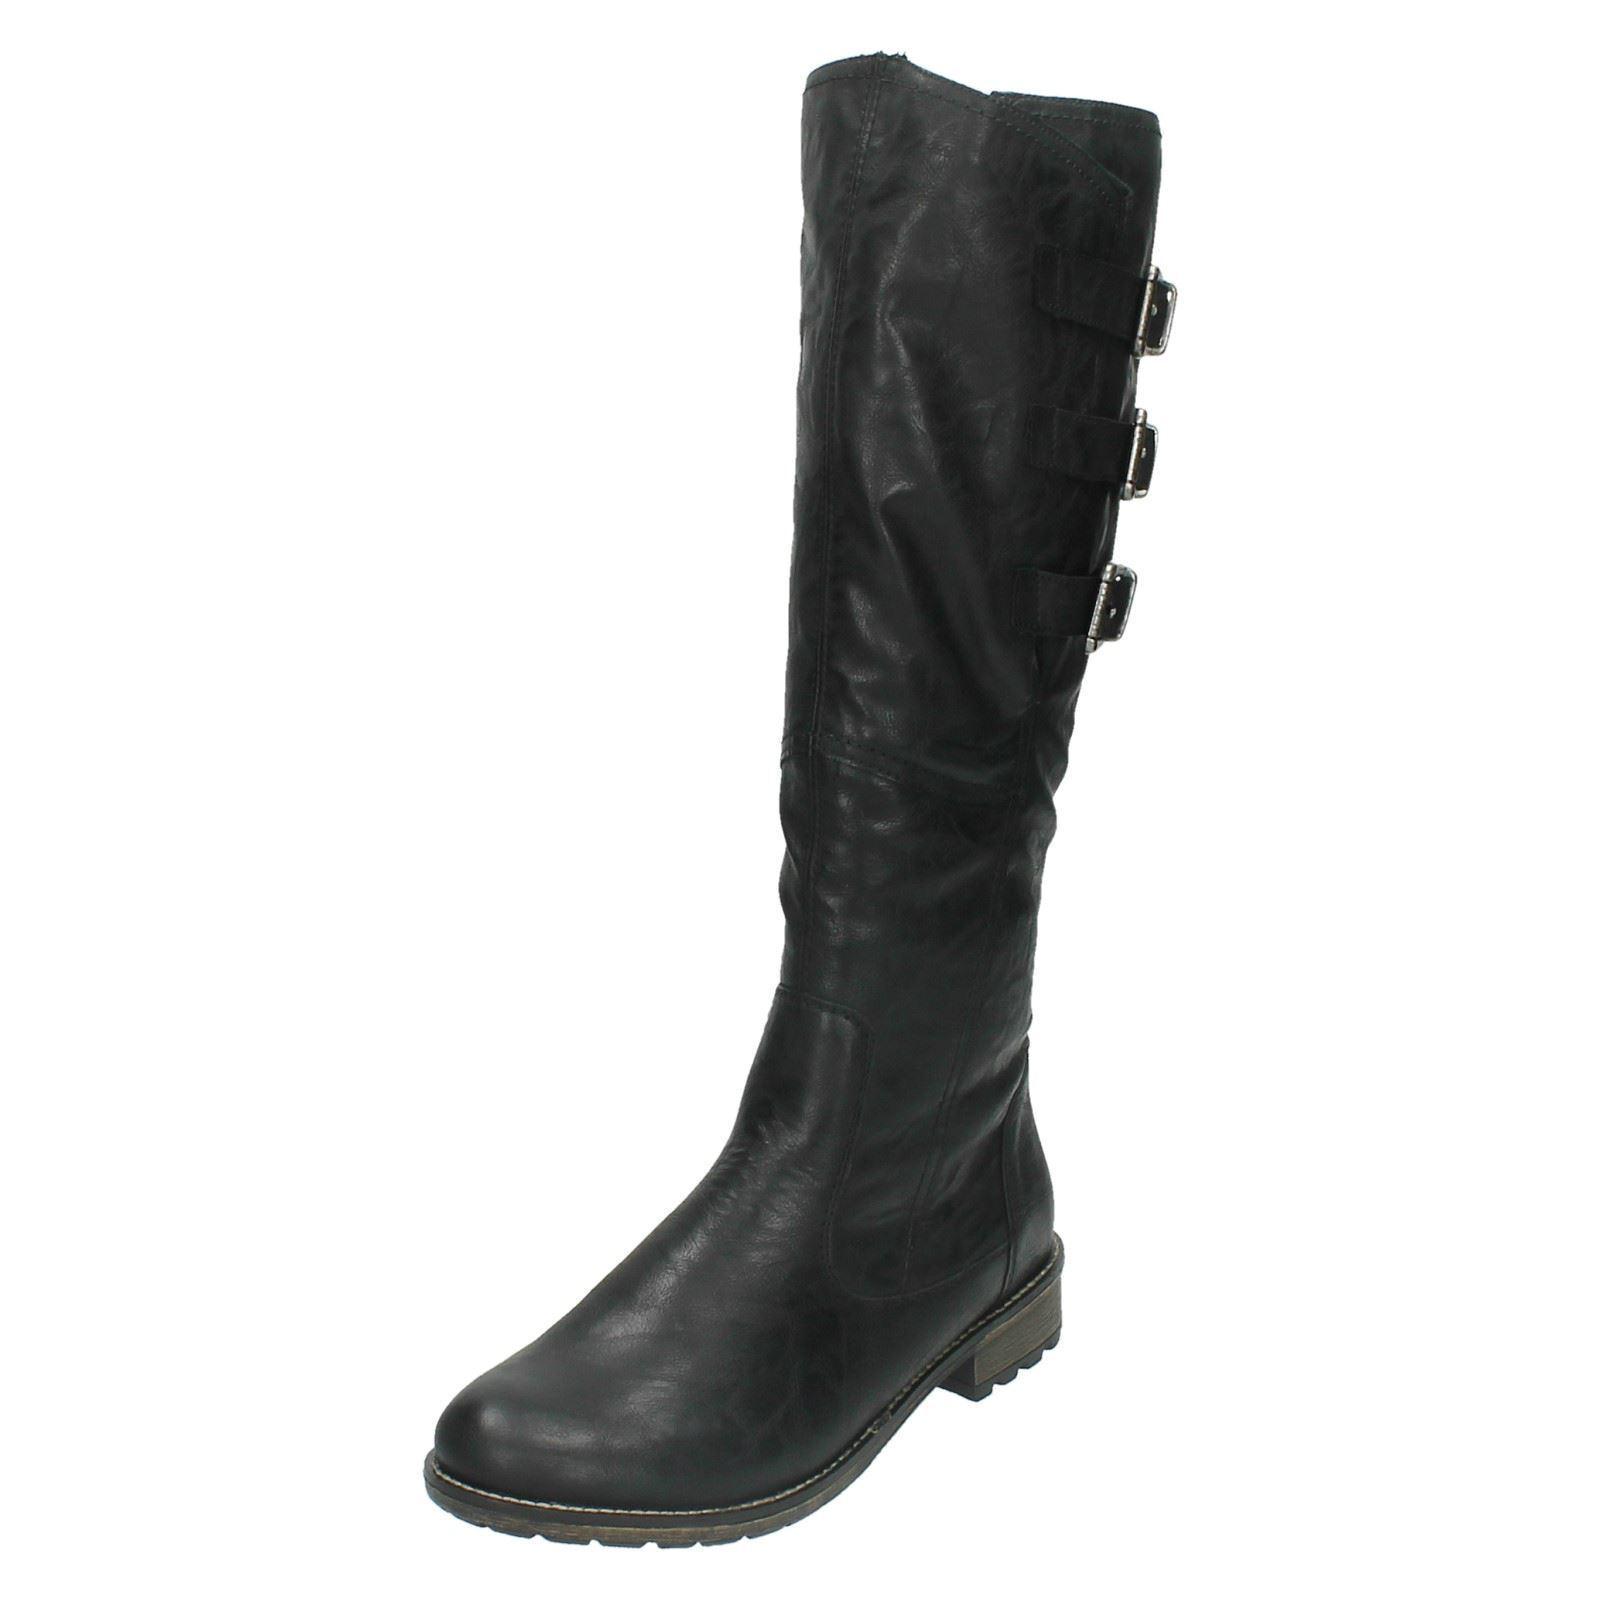 Damen Remonte R3370 schwarz Synthetisch warm gefüttert lange Stiefel vaviable